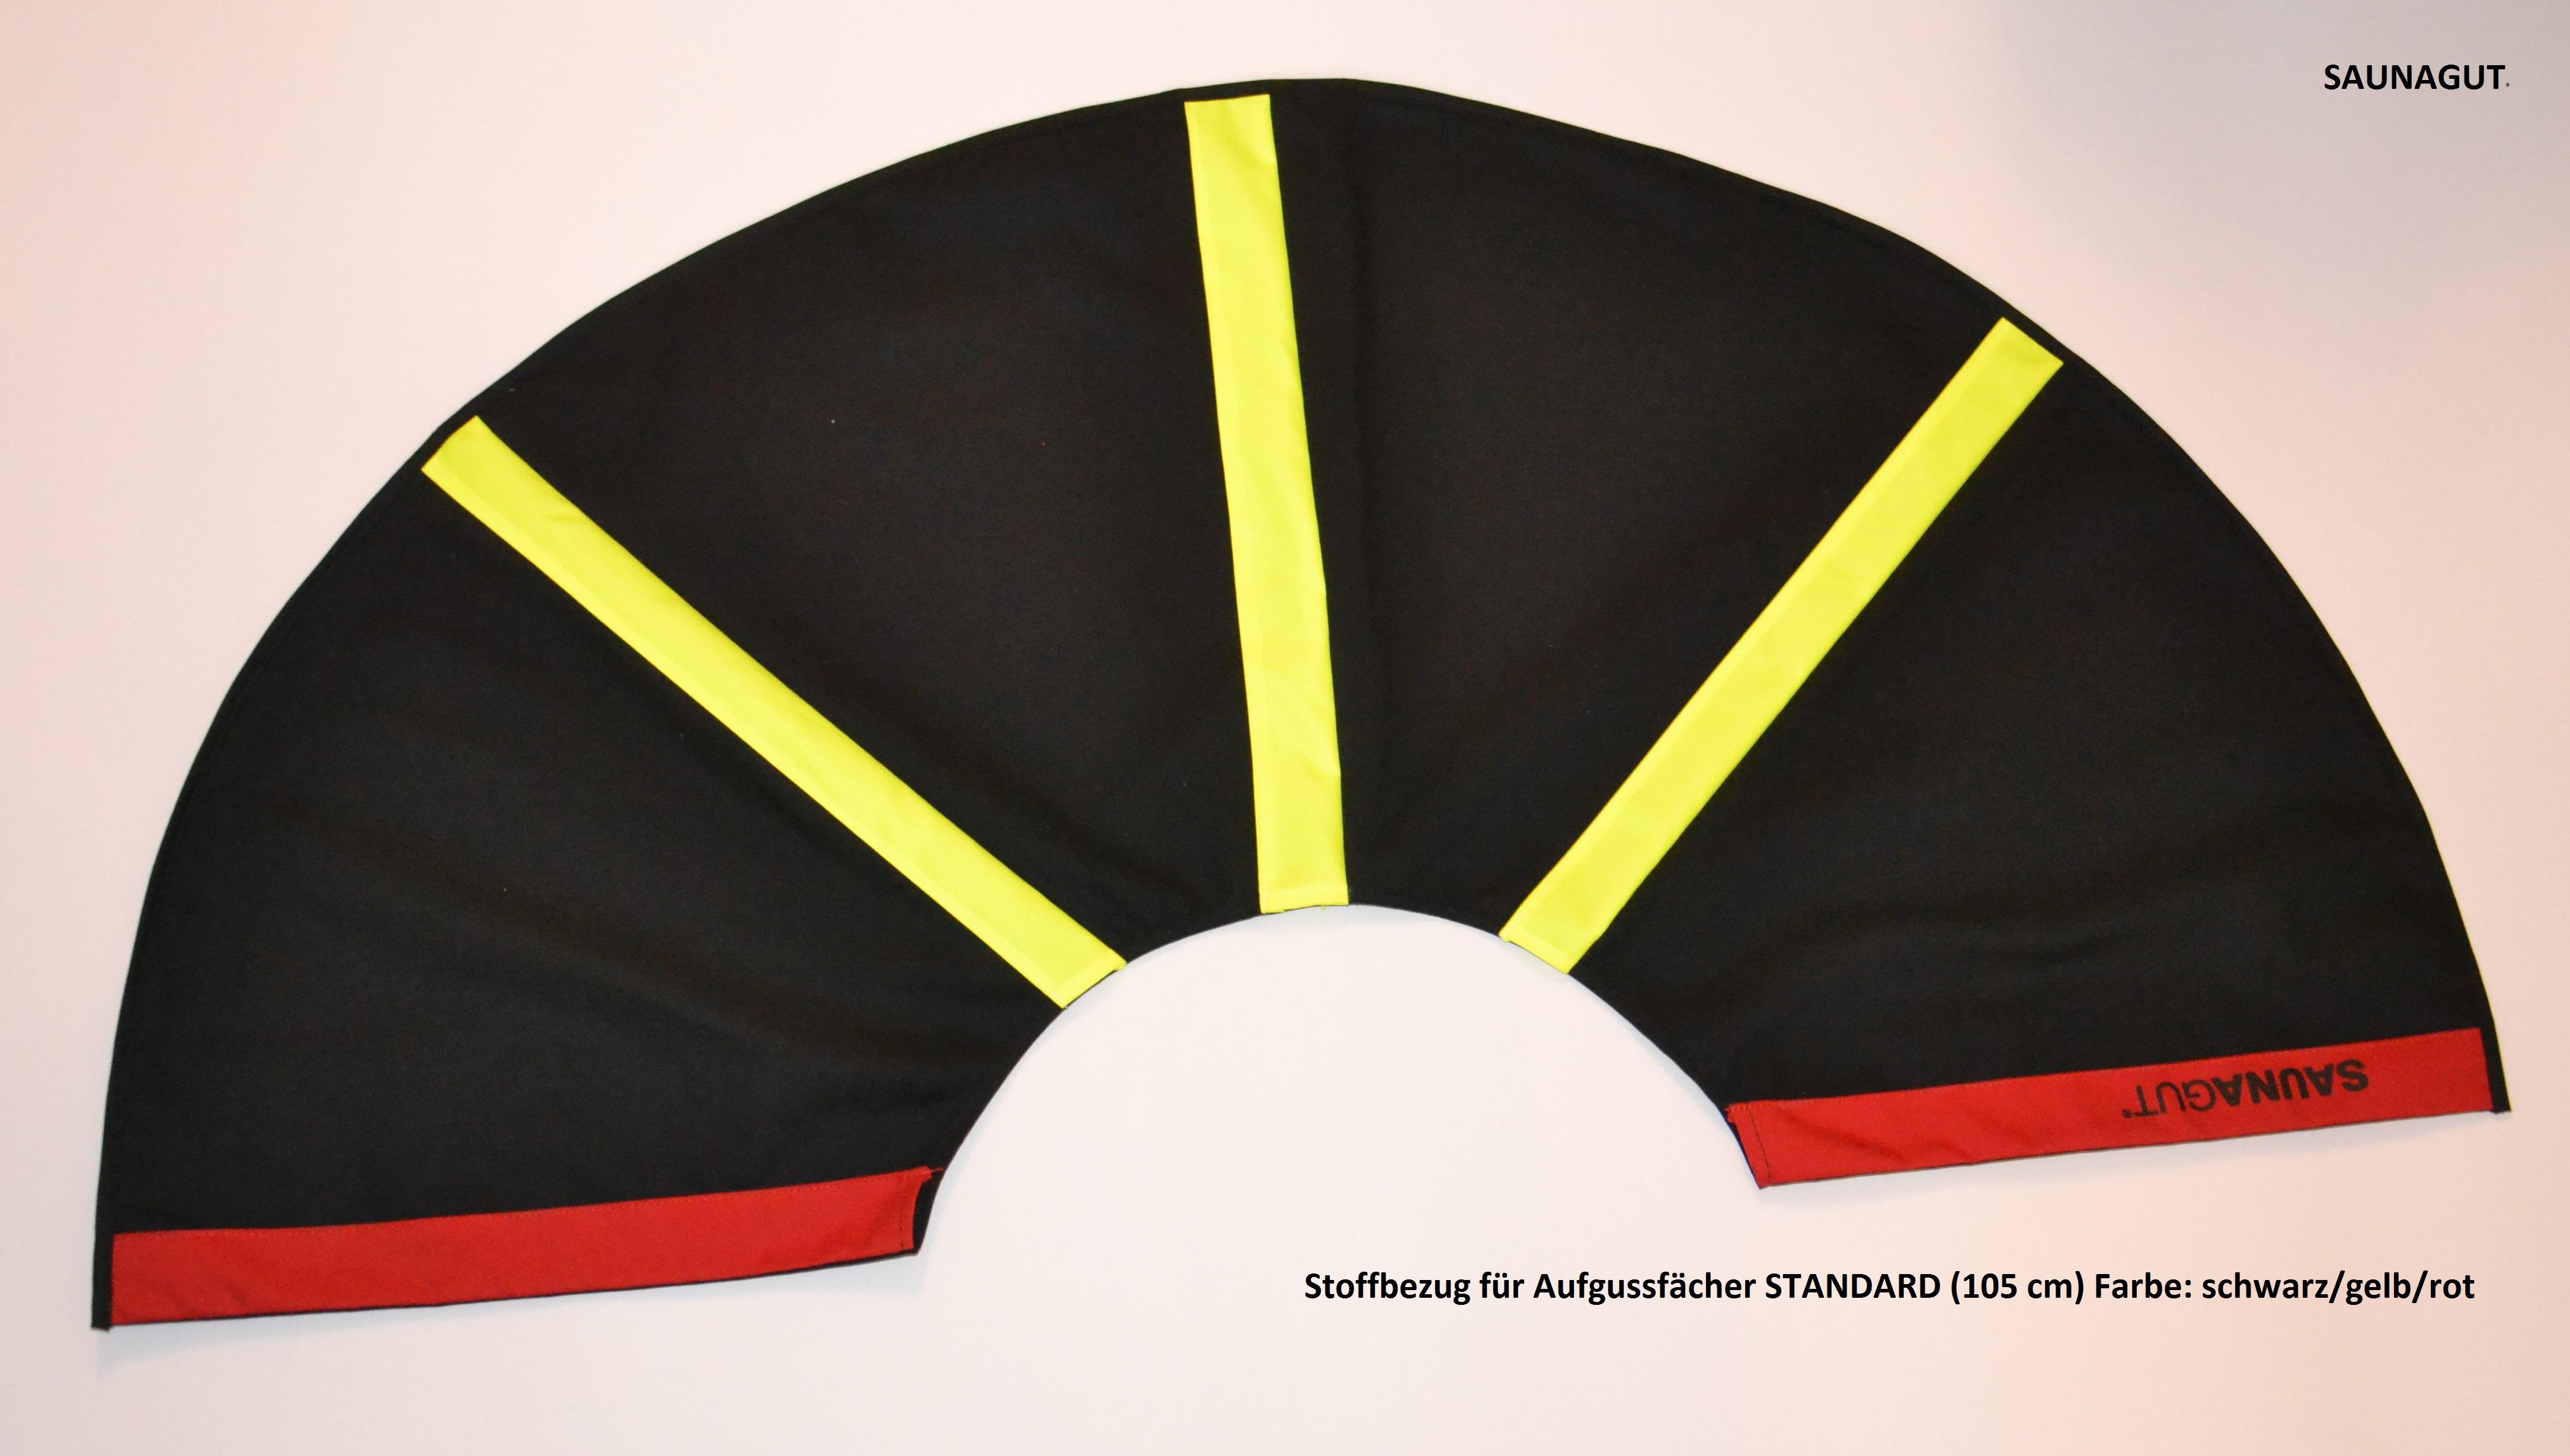 003-ES-AFS-SGR Ersatzstoff-Farbe: schwarz-gelb-rot Maße: 105/55cm